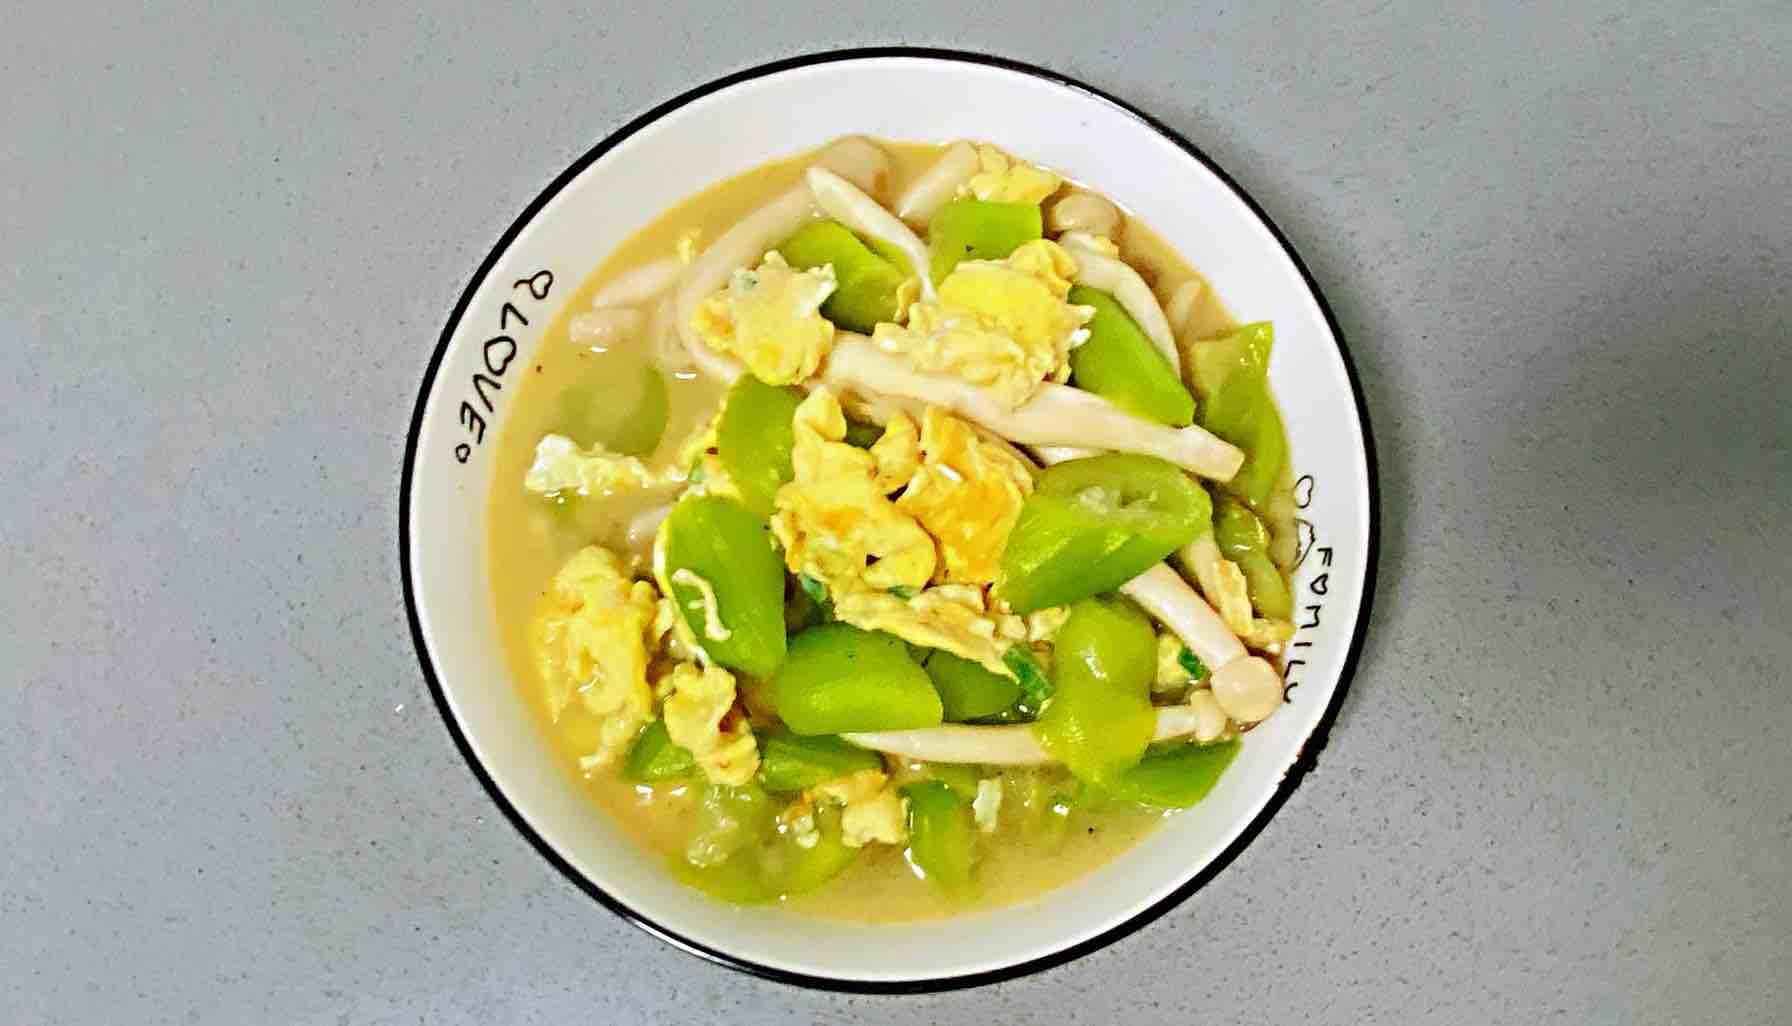 鸡蛋白玉菇焖丝瓜,清淡又鲜香,简单却营养~怎么煸